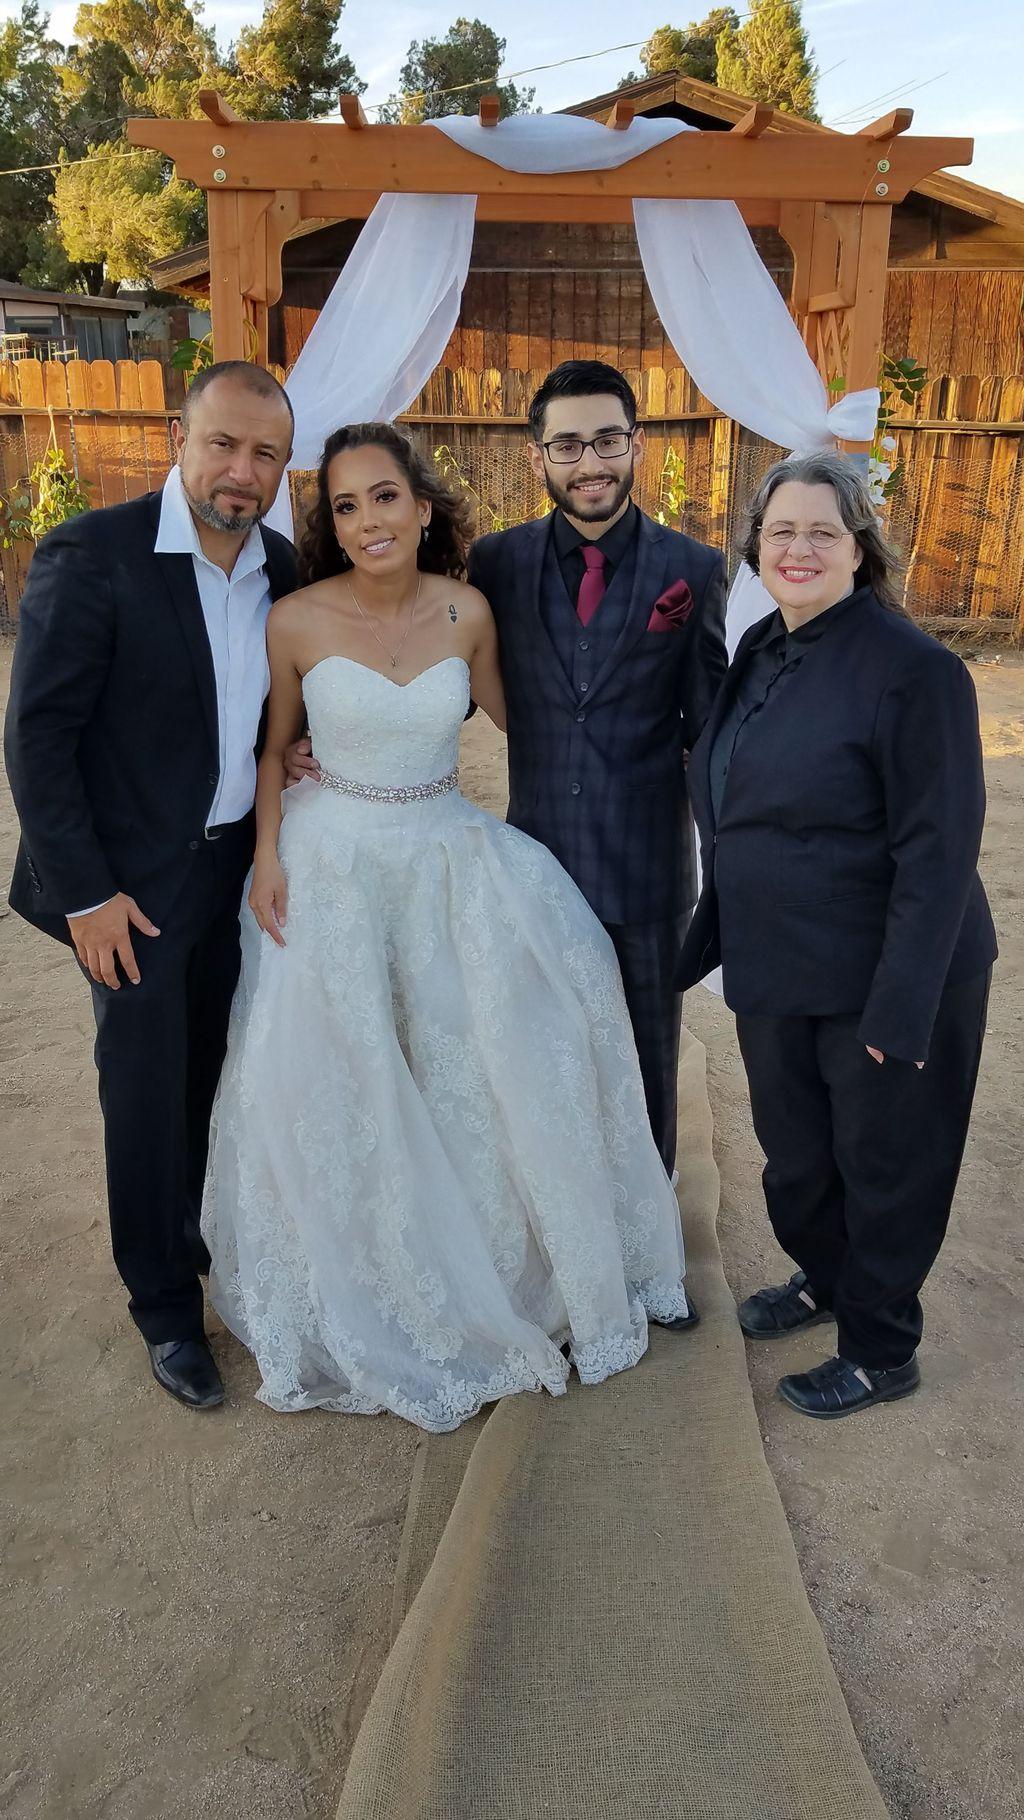 Outdoor Wedding Officiate